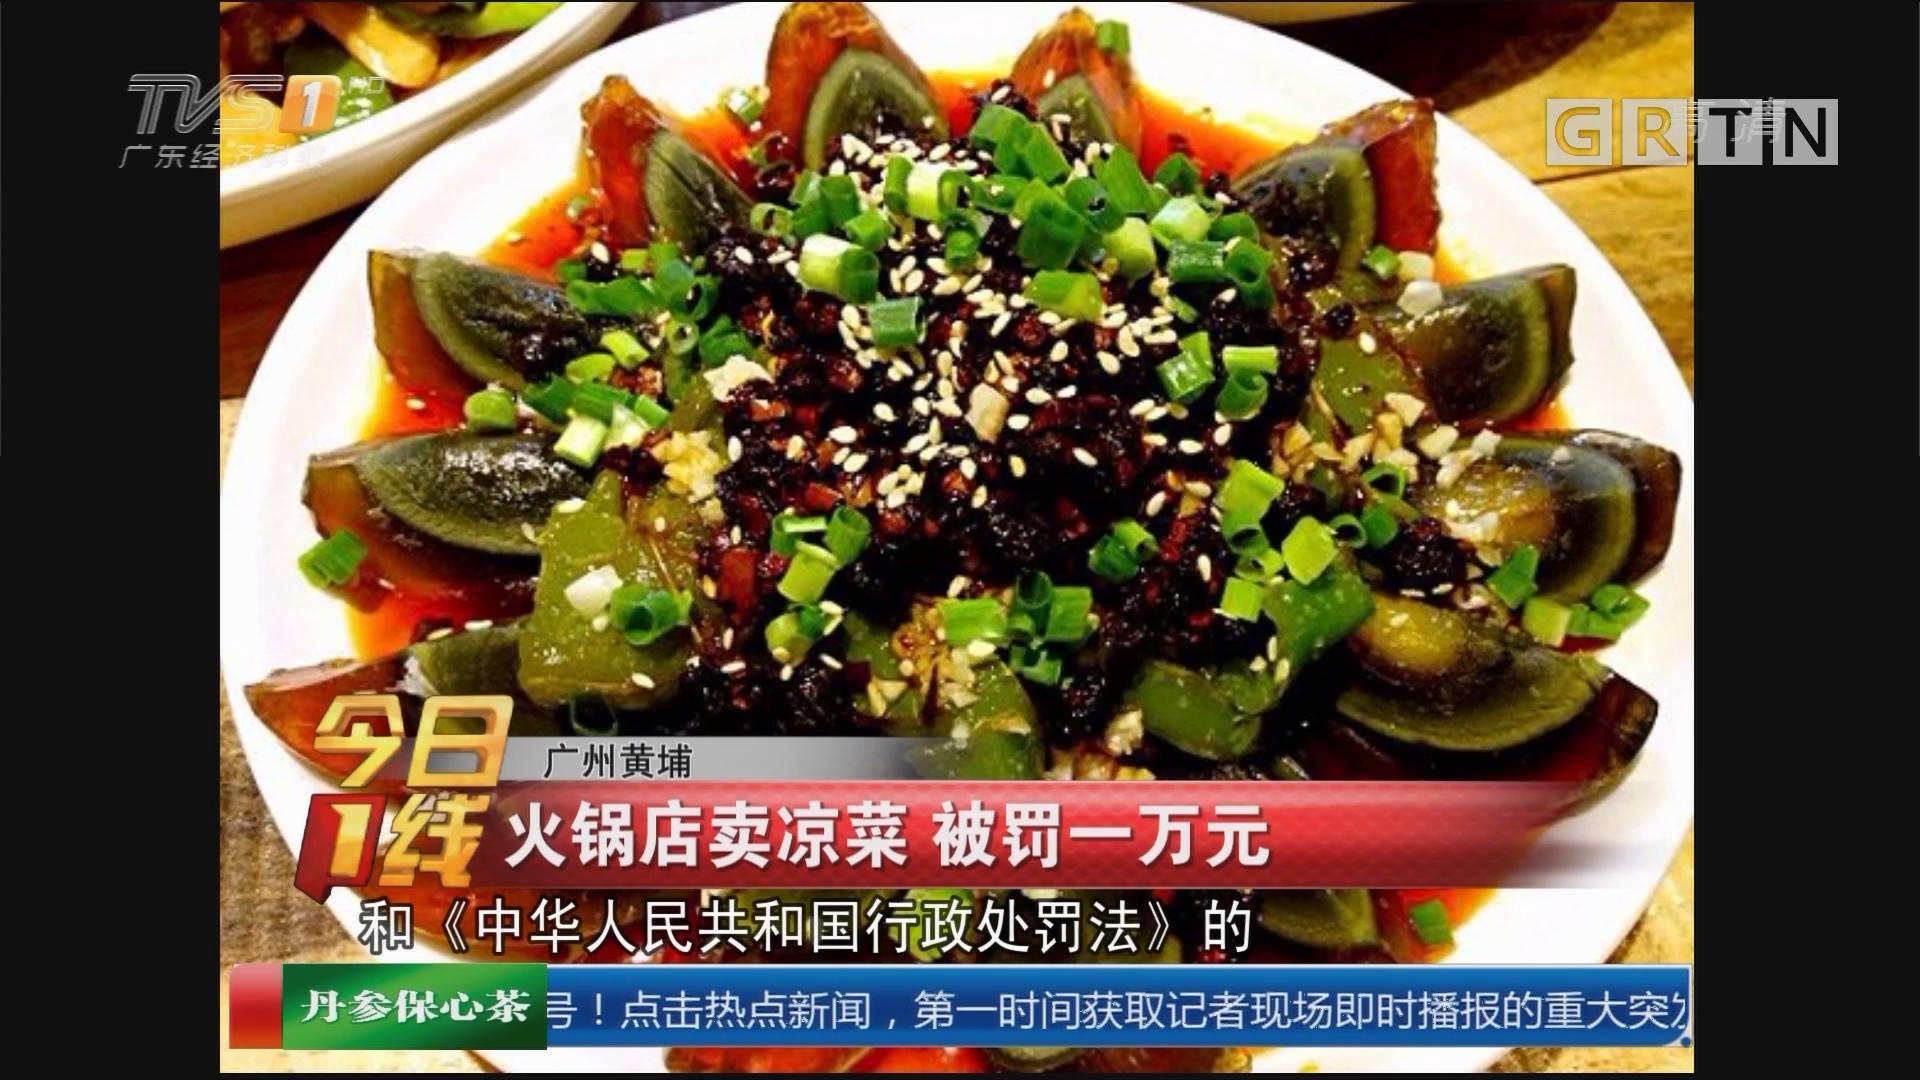 广州黄埔:火锅店卖凉菜 被罚一万元